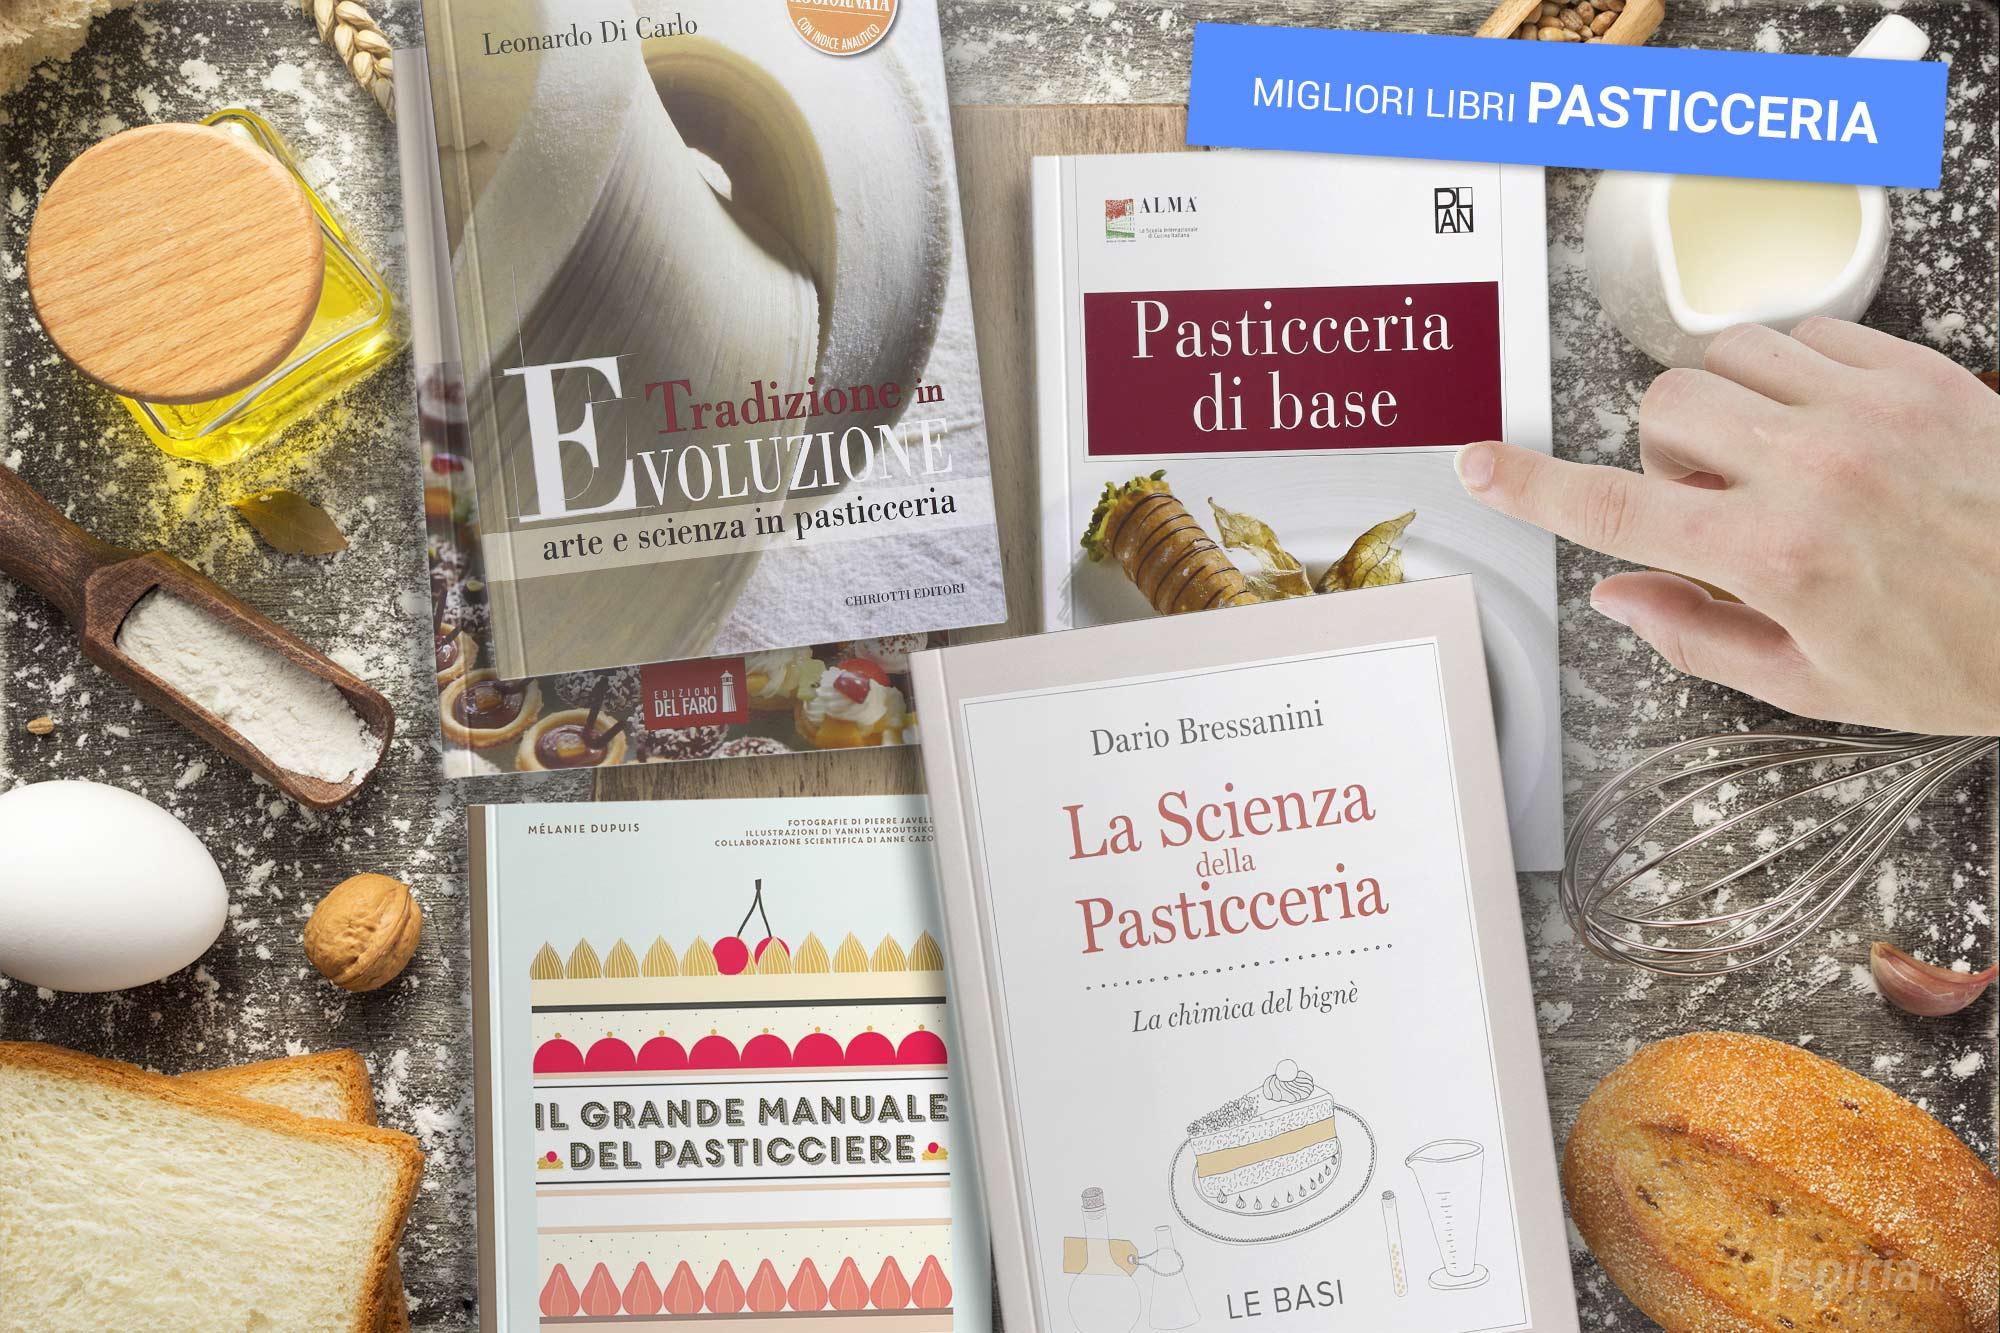 Migliori Libri Pasticceria | Libro Per Pasticceri Principianti/professionisti